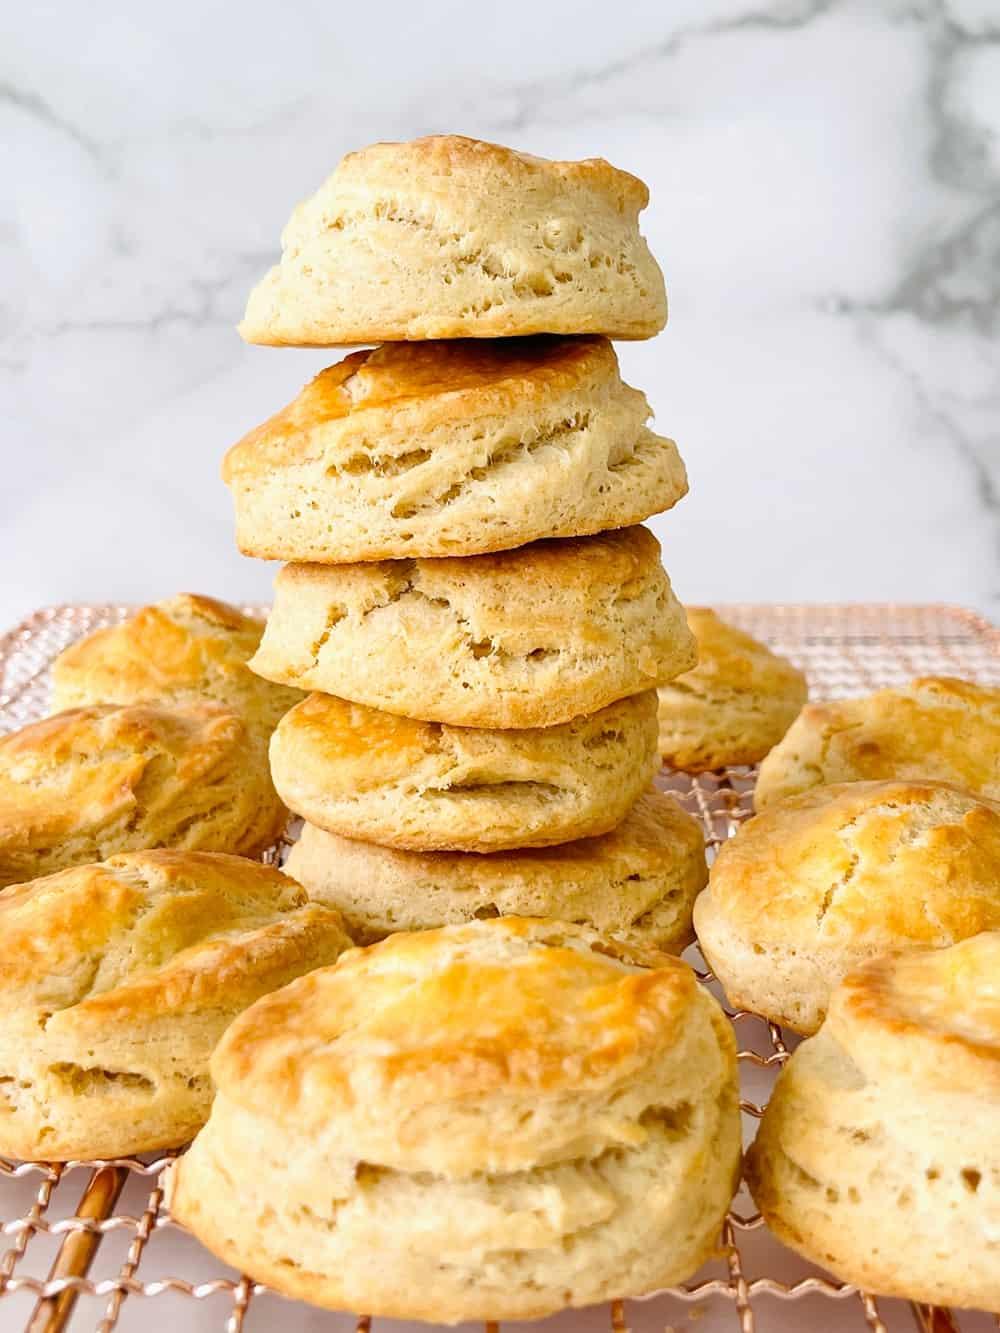 Joanna Gaines Biscuit Recipe